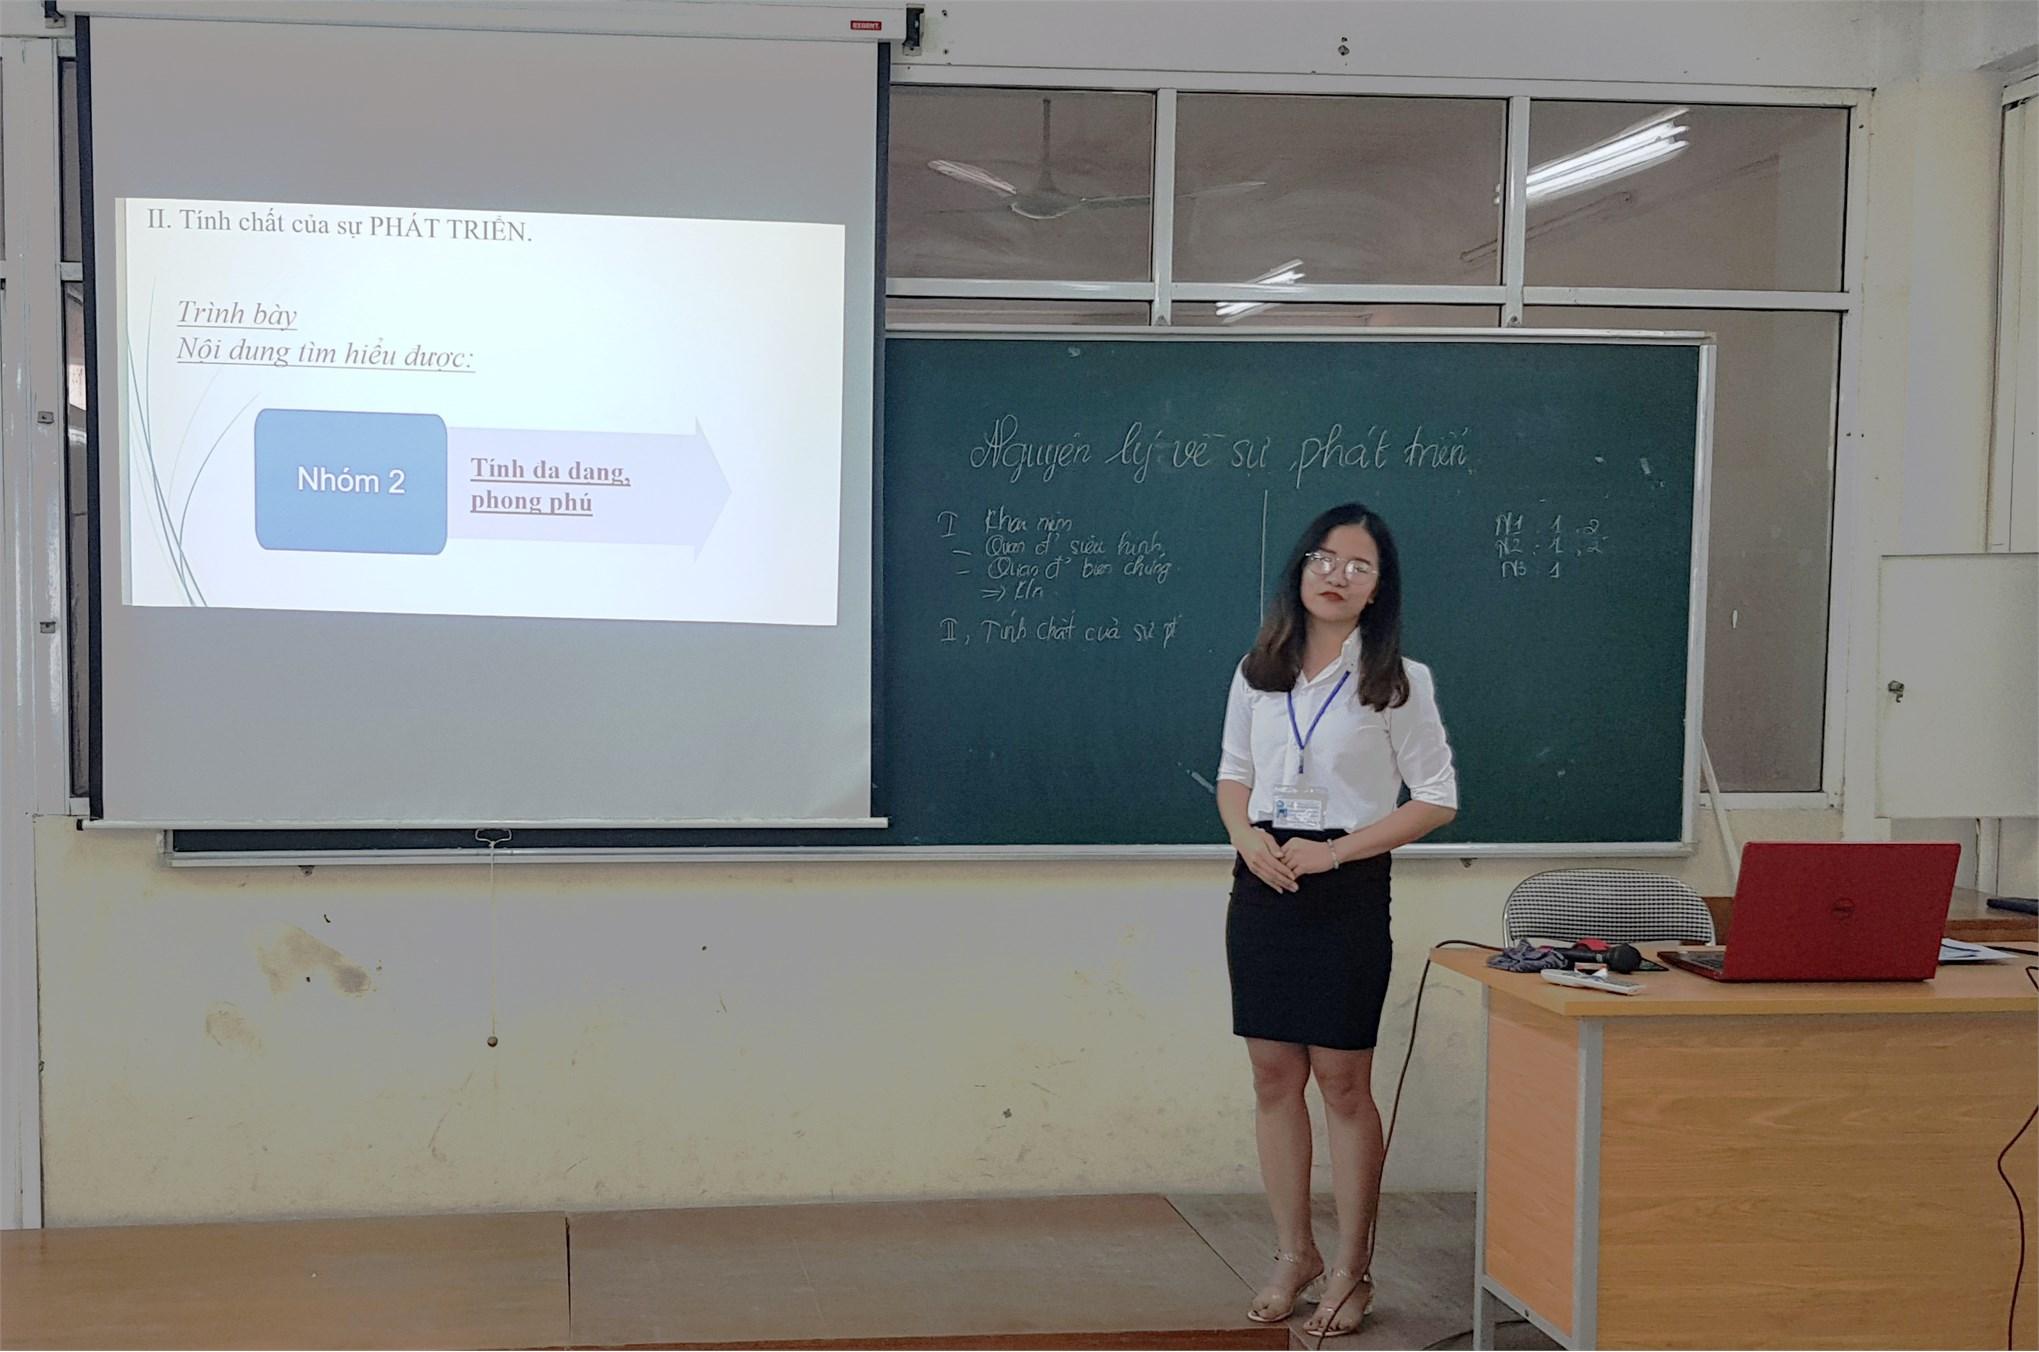 Khoa Lý luận Chính trị - Pháp luật tổ chức hội giảng cho 17 sinh viên Đại học Sư phạm 1 thực tập xong đợt 1